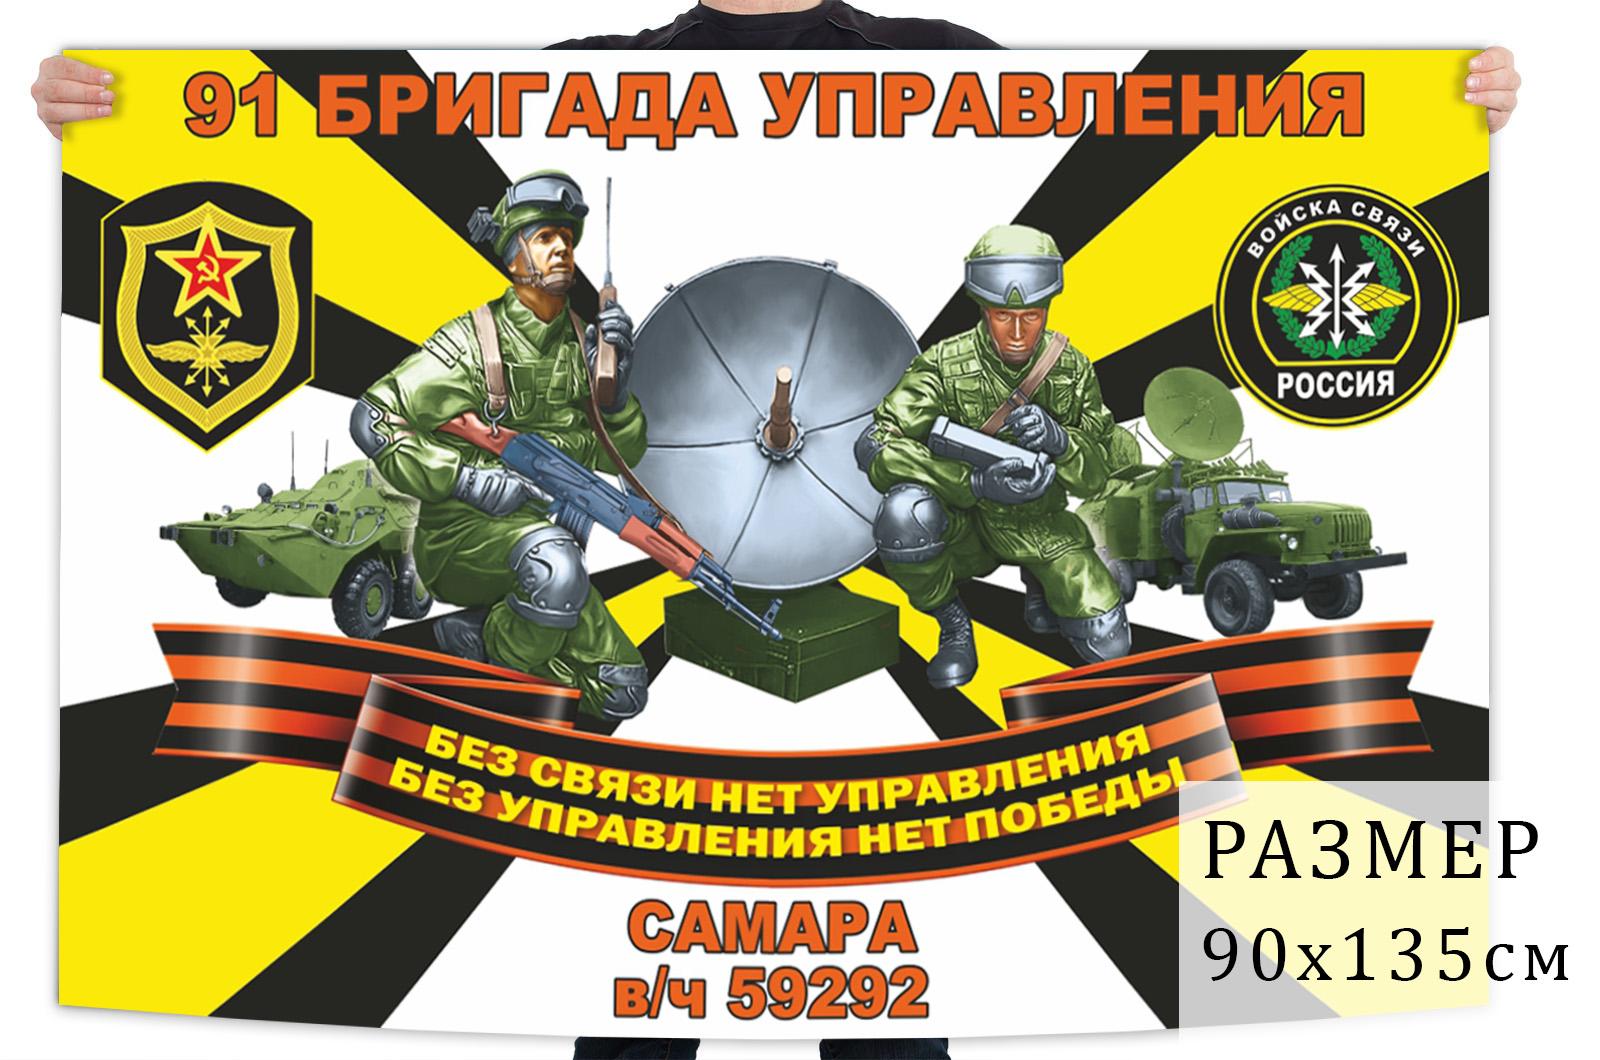 Флаг 91 бригады управления войск связи